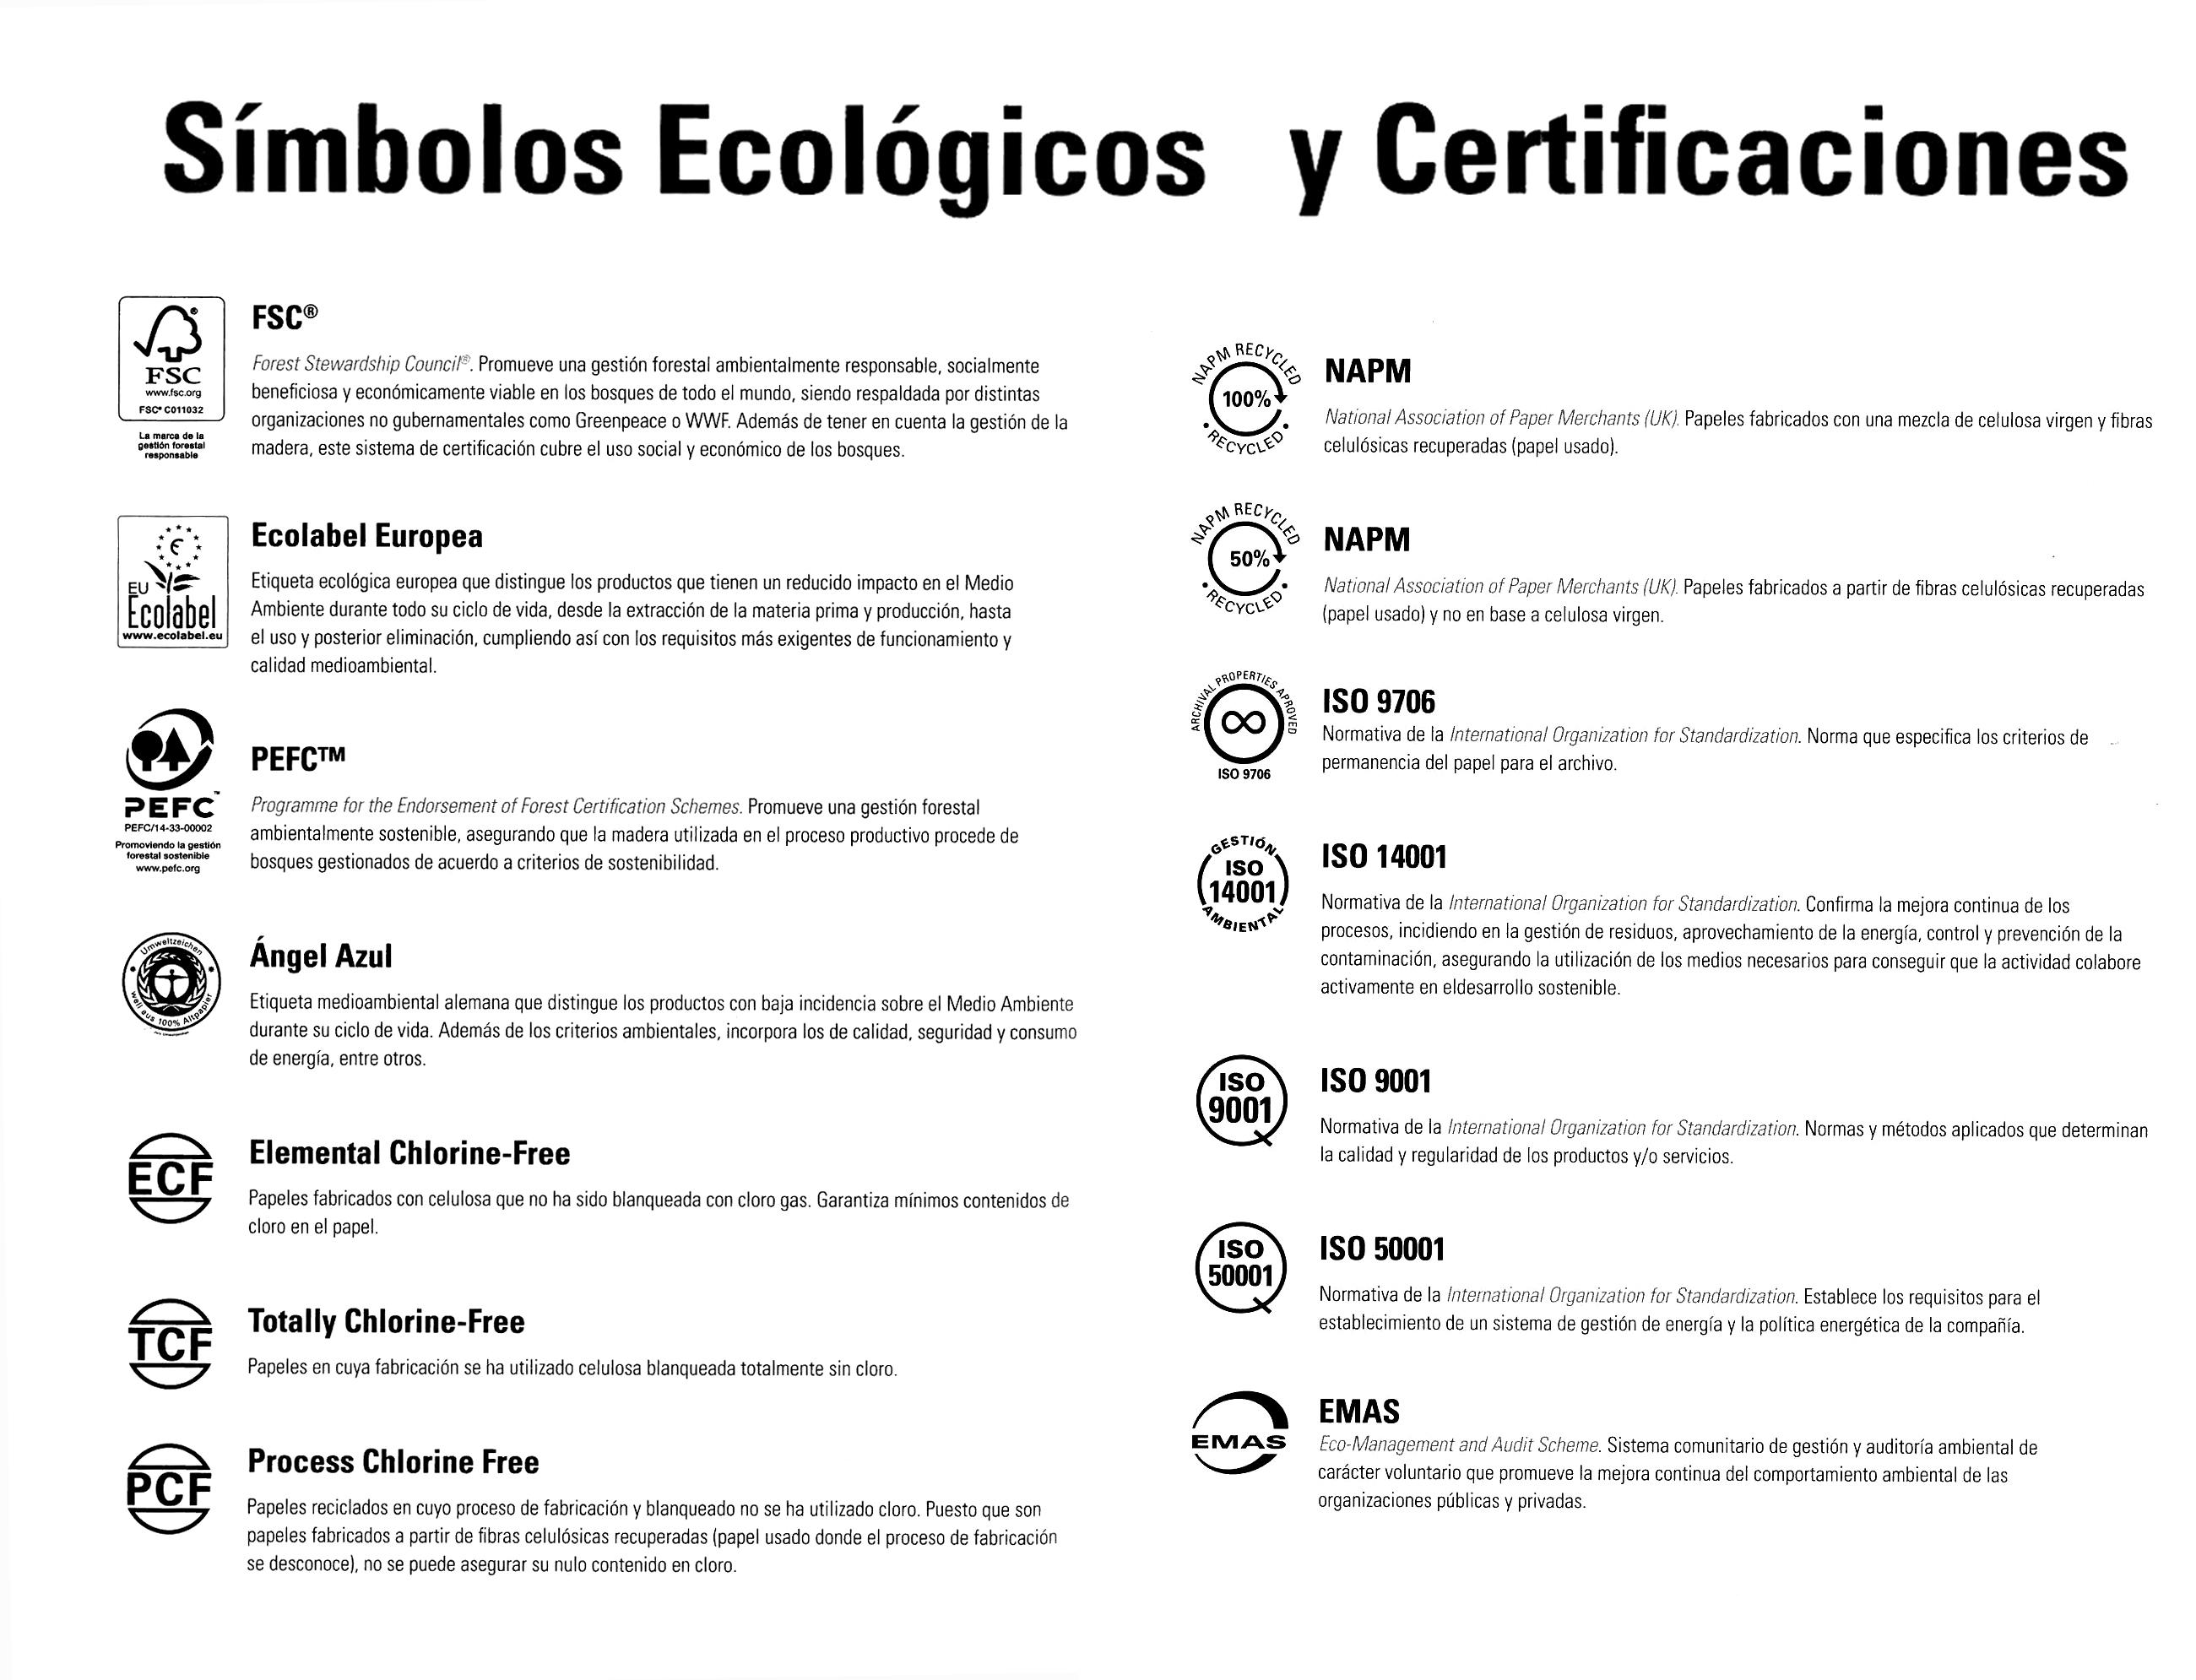 Símbolos y certificaciones del papel reciclado